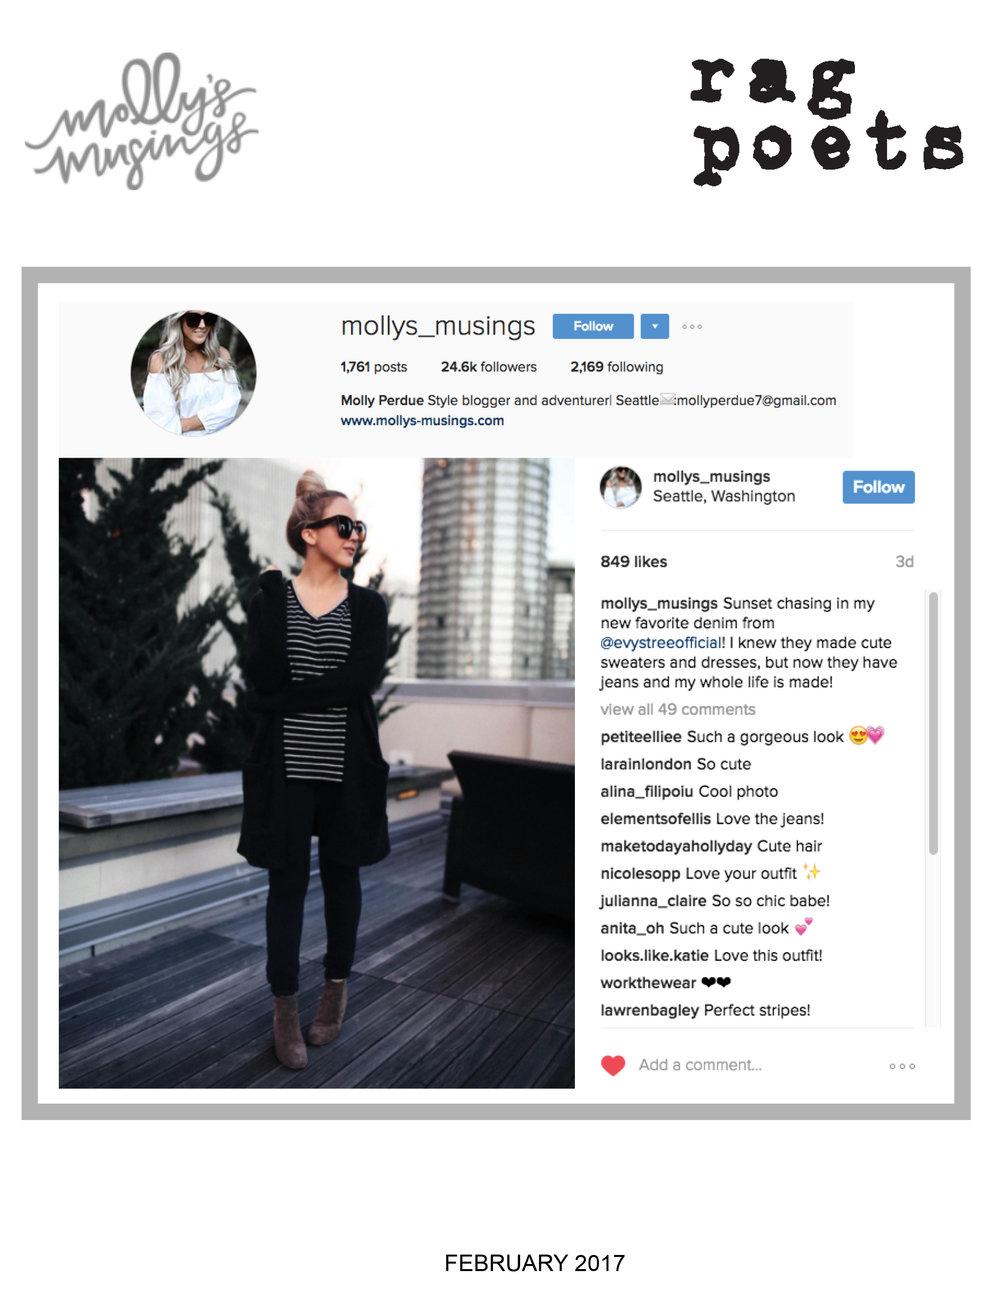 RagPoets_MollyMusing_Feb2017.jpg